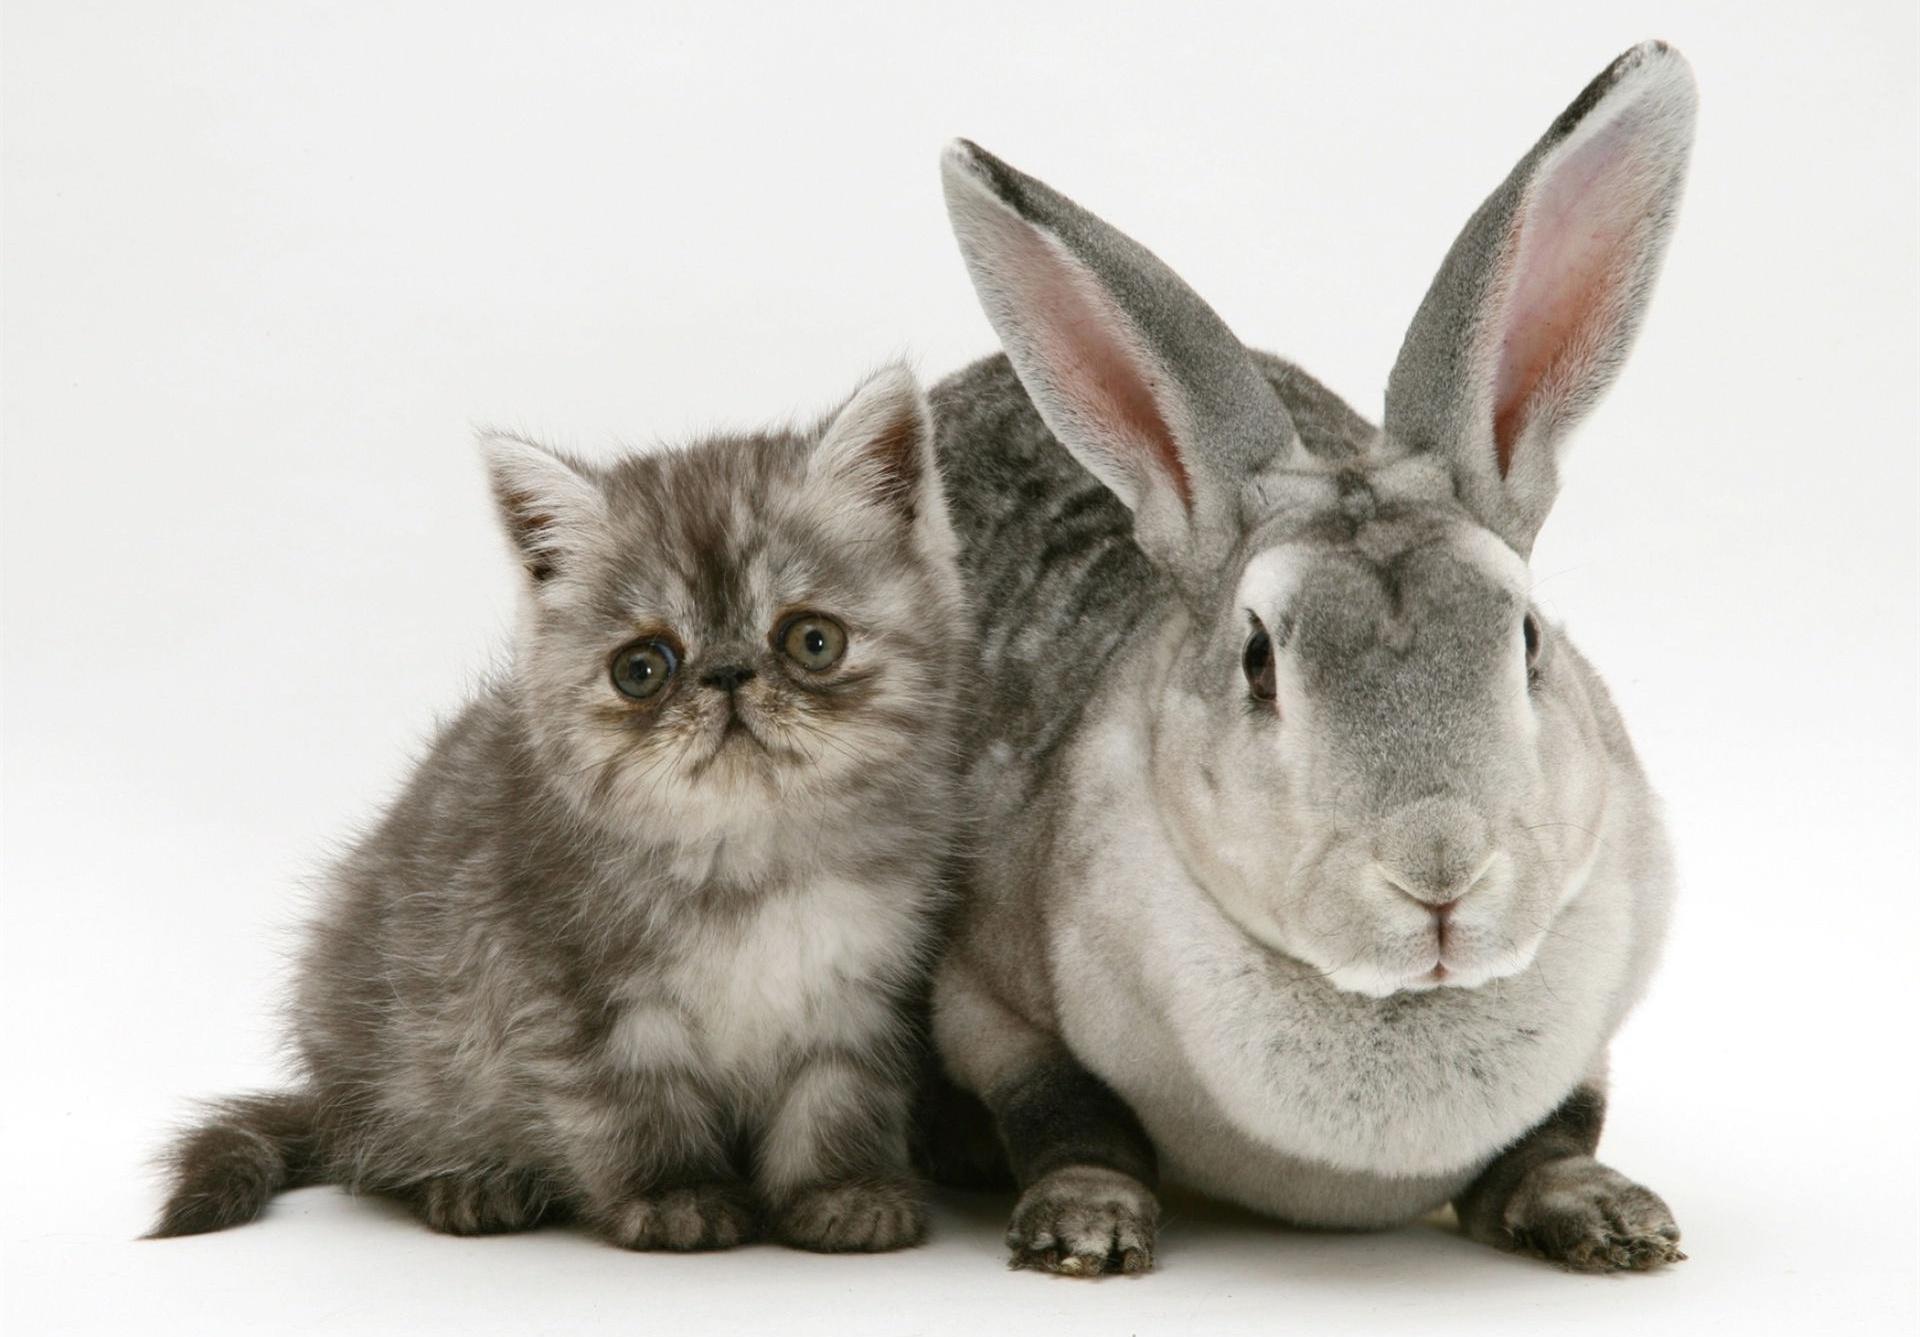 уверены, картинки с котятами и крольчатами это